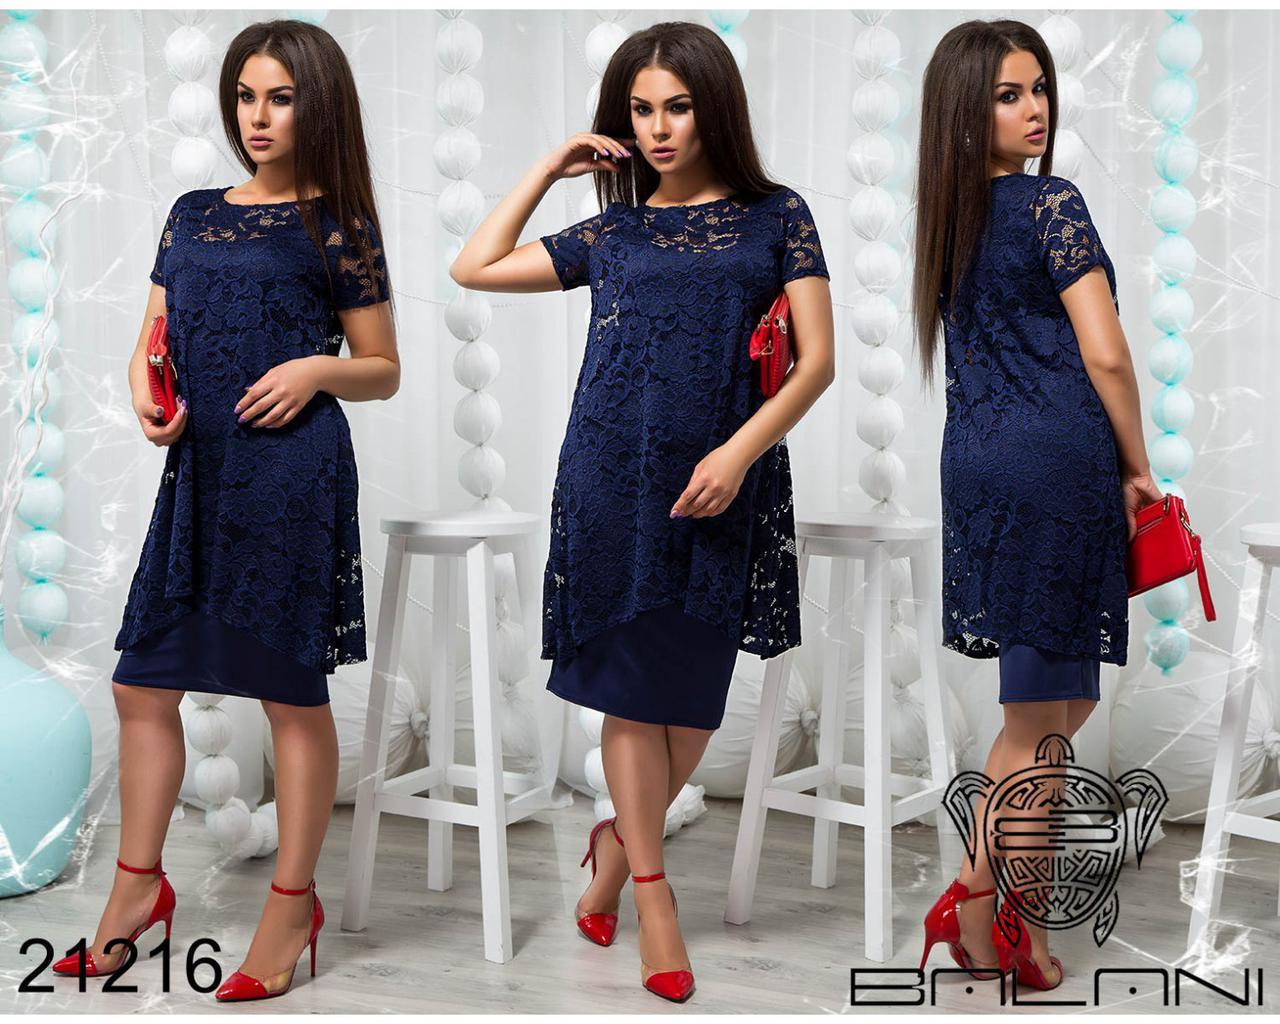 627d7b0f4419 Нарядное платье с гипюром недорого от Производителя в интернет-магазине  Украина Россия СНГ р.48-54